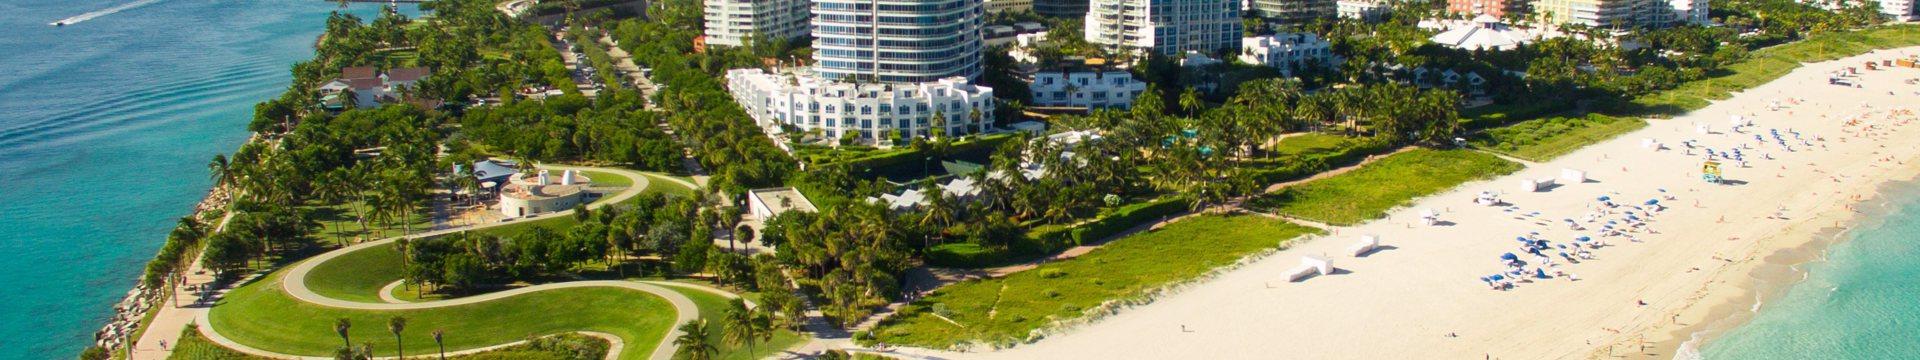 Miami Beach/Sunny Isles